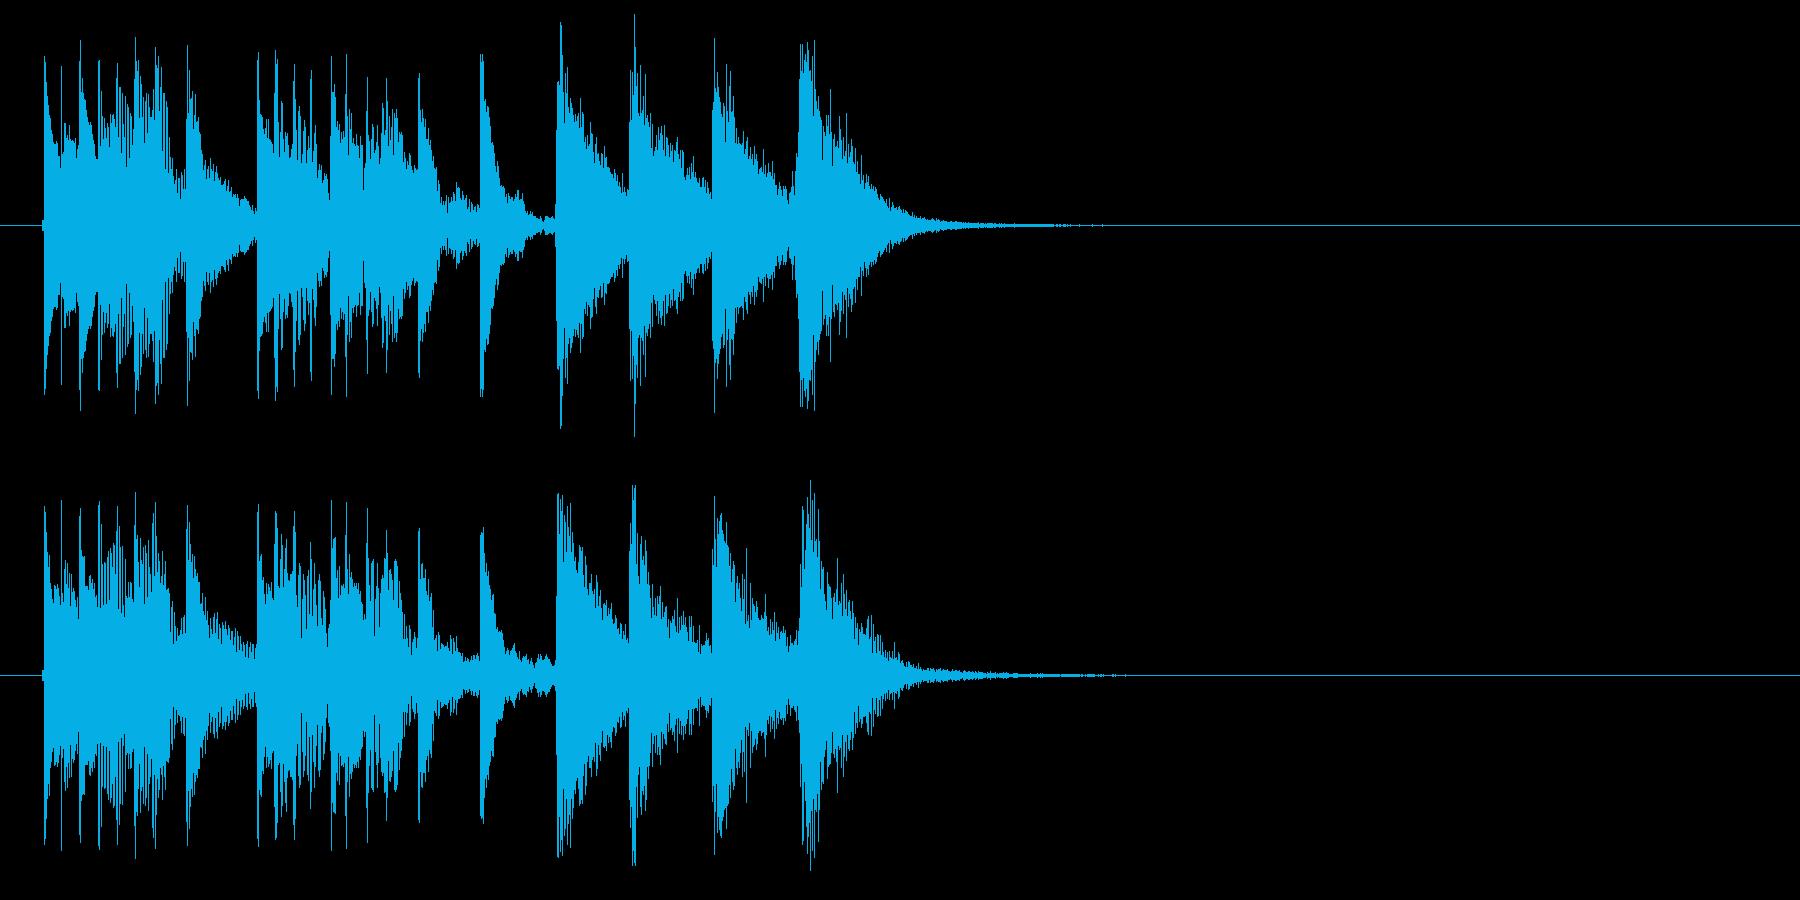 マリンバのシンプルなジングルの再生済みの波形